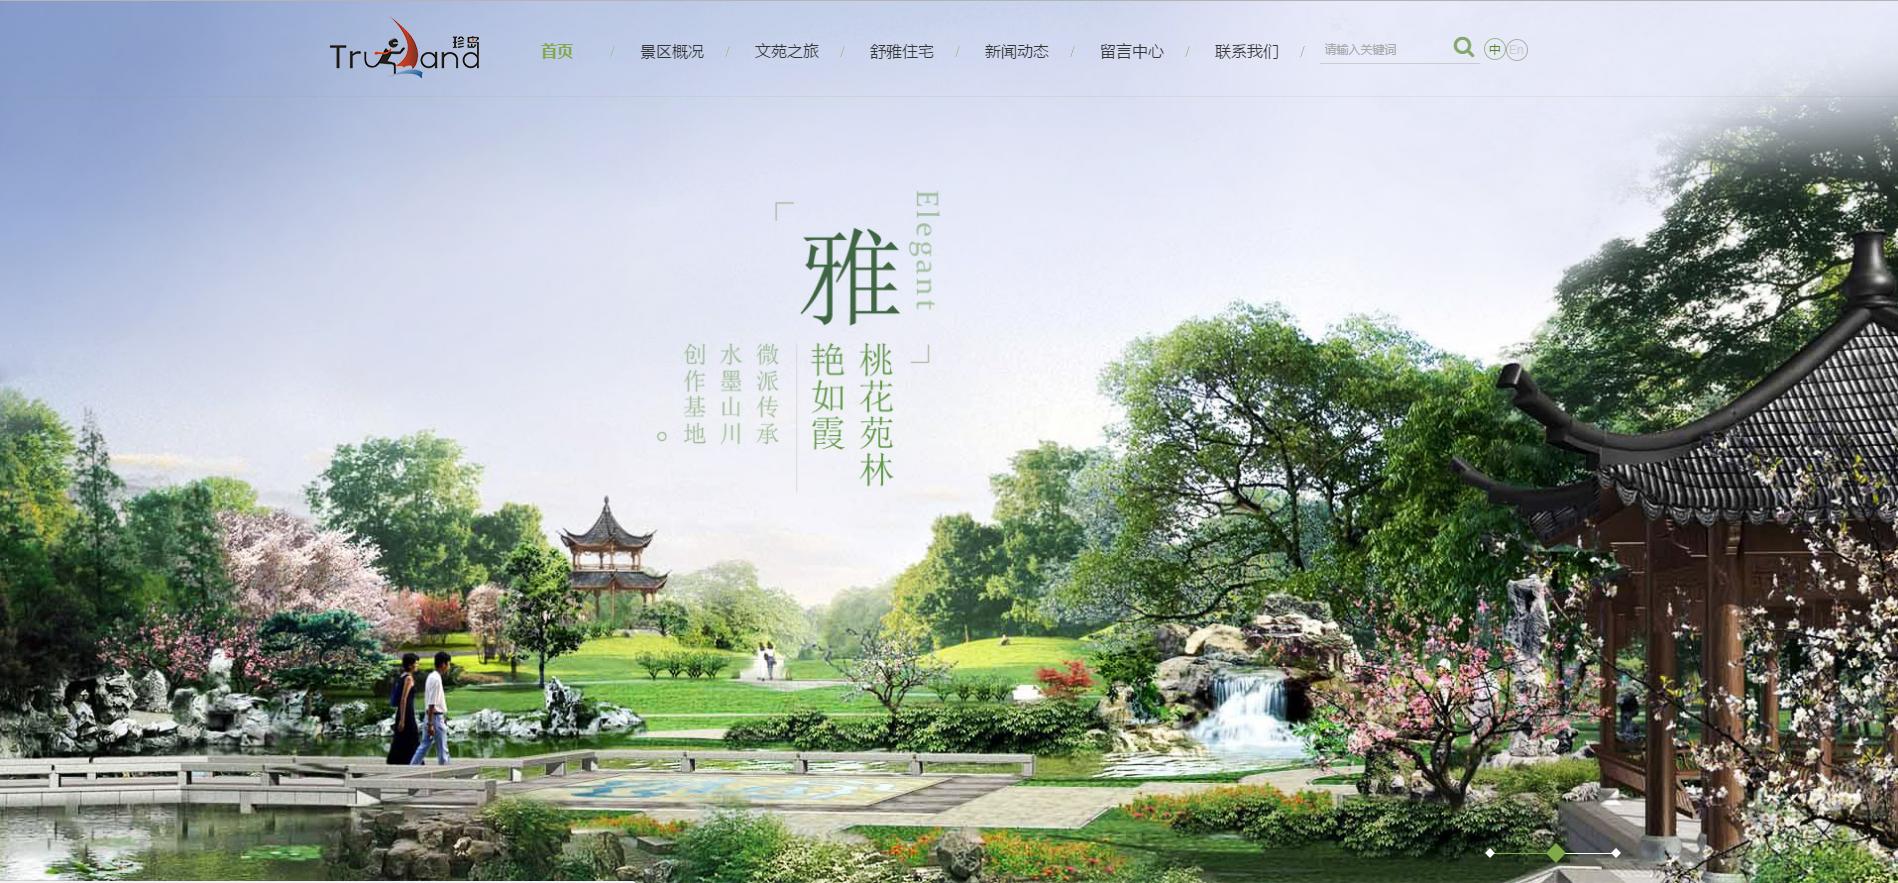 響應式旅游主題網站模板全套下載